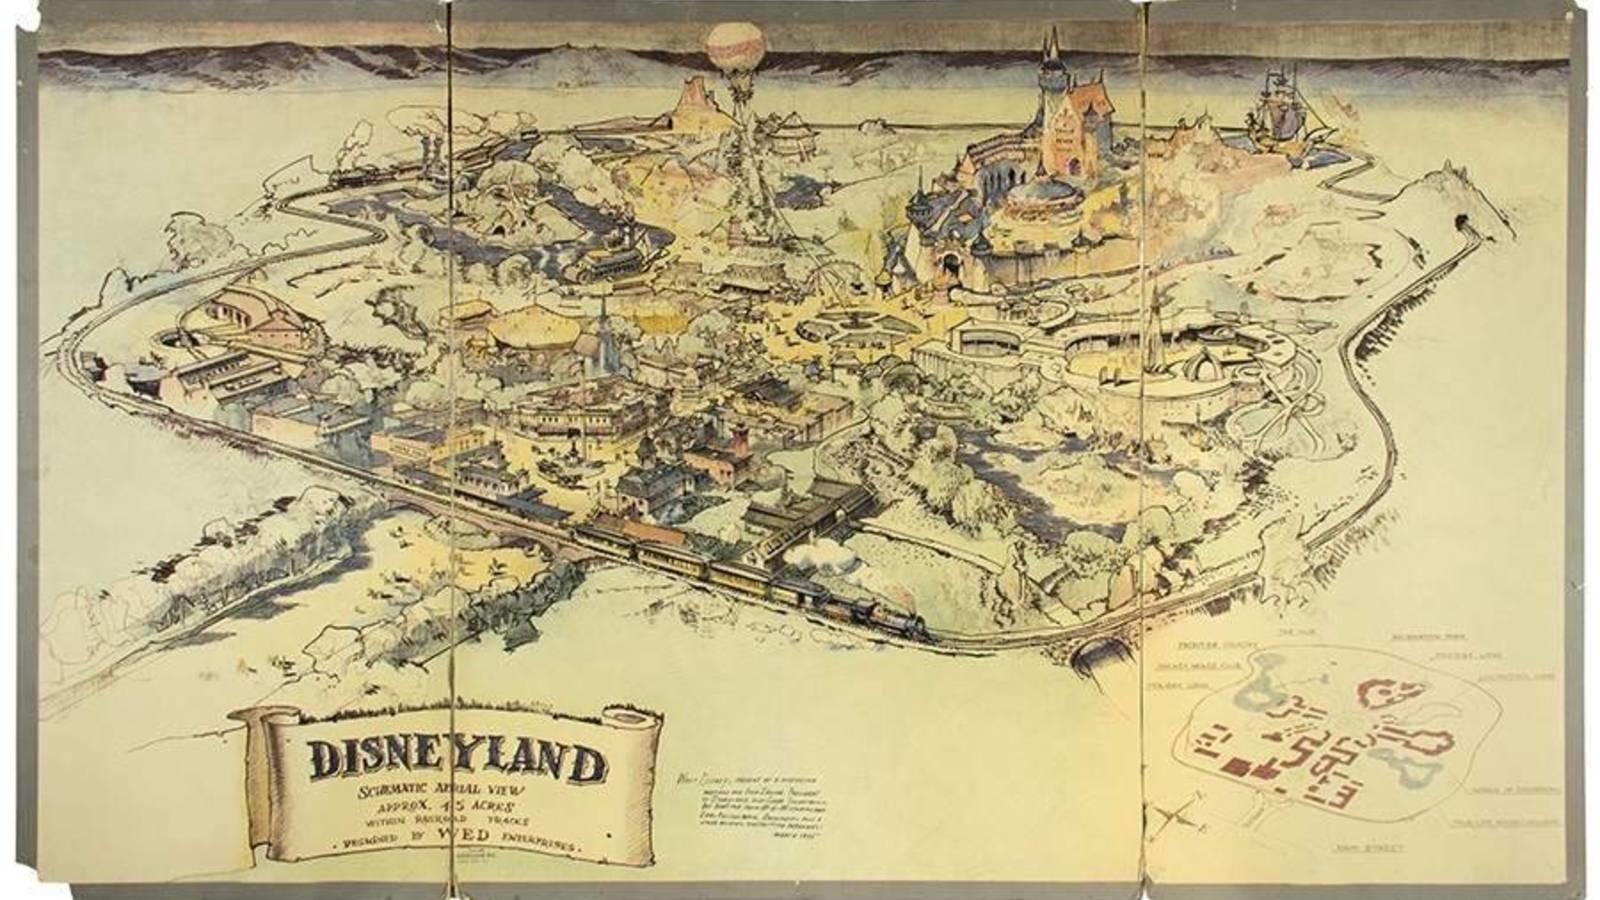 Fue elaborado en 1953 por el propio Walt Disney para buscar financiación para la construcción del parque. También se subastarán 800 accesorios, trajes, recuerdos y artículos originales de Disney